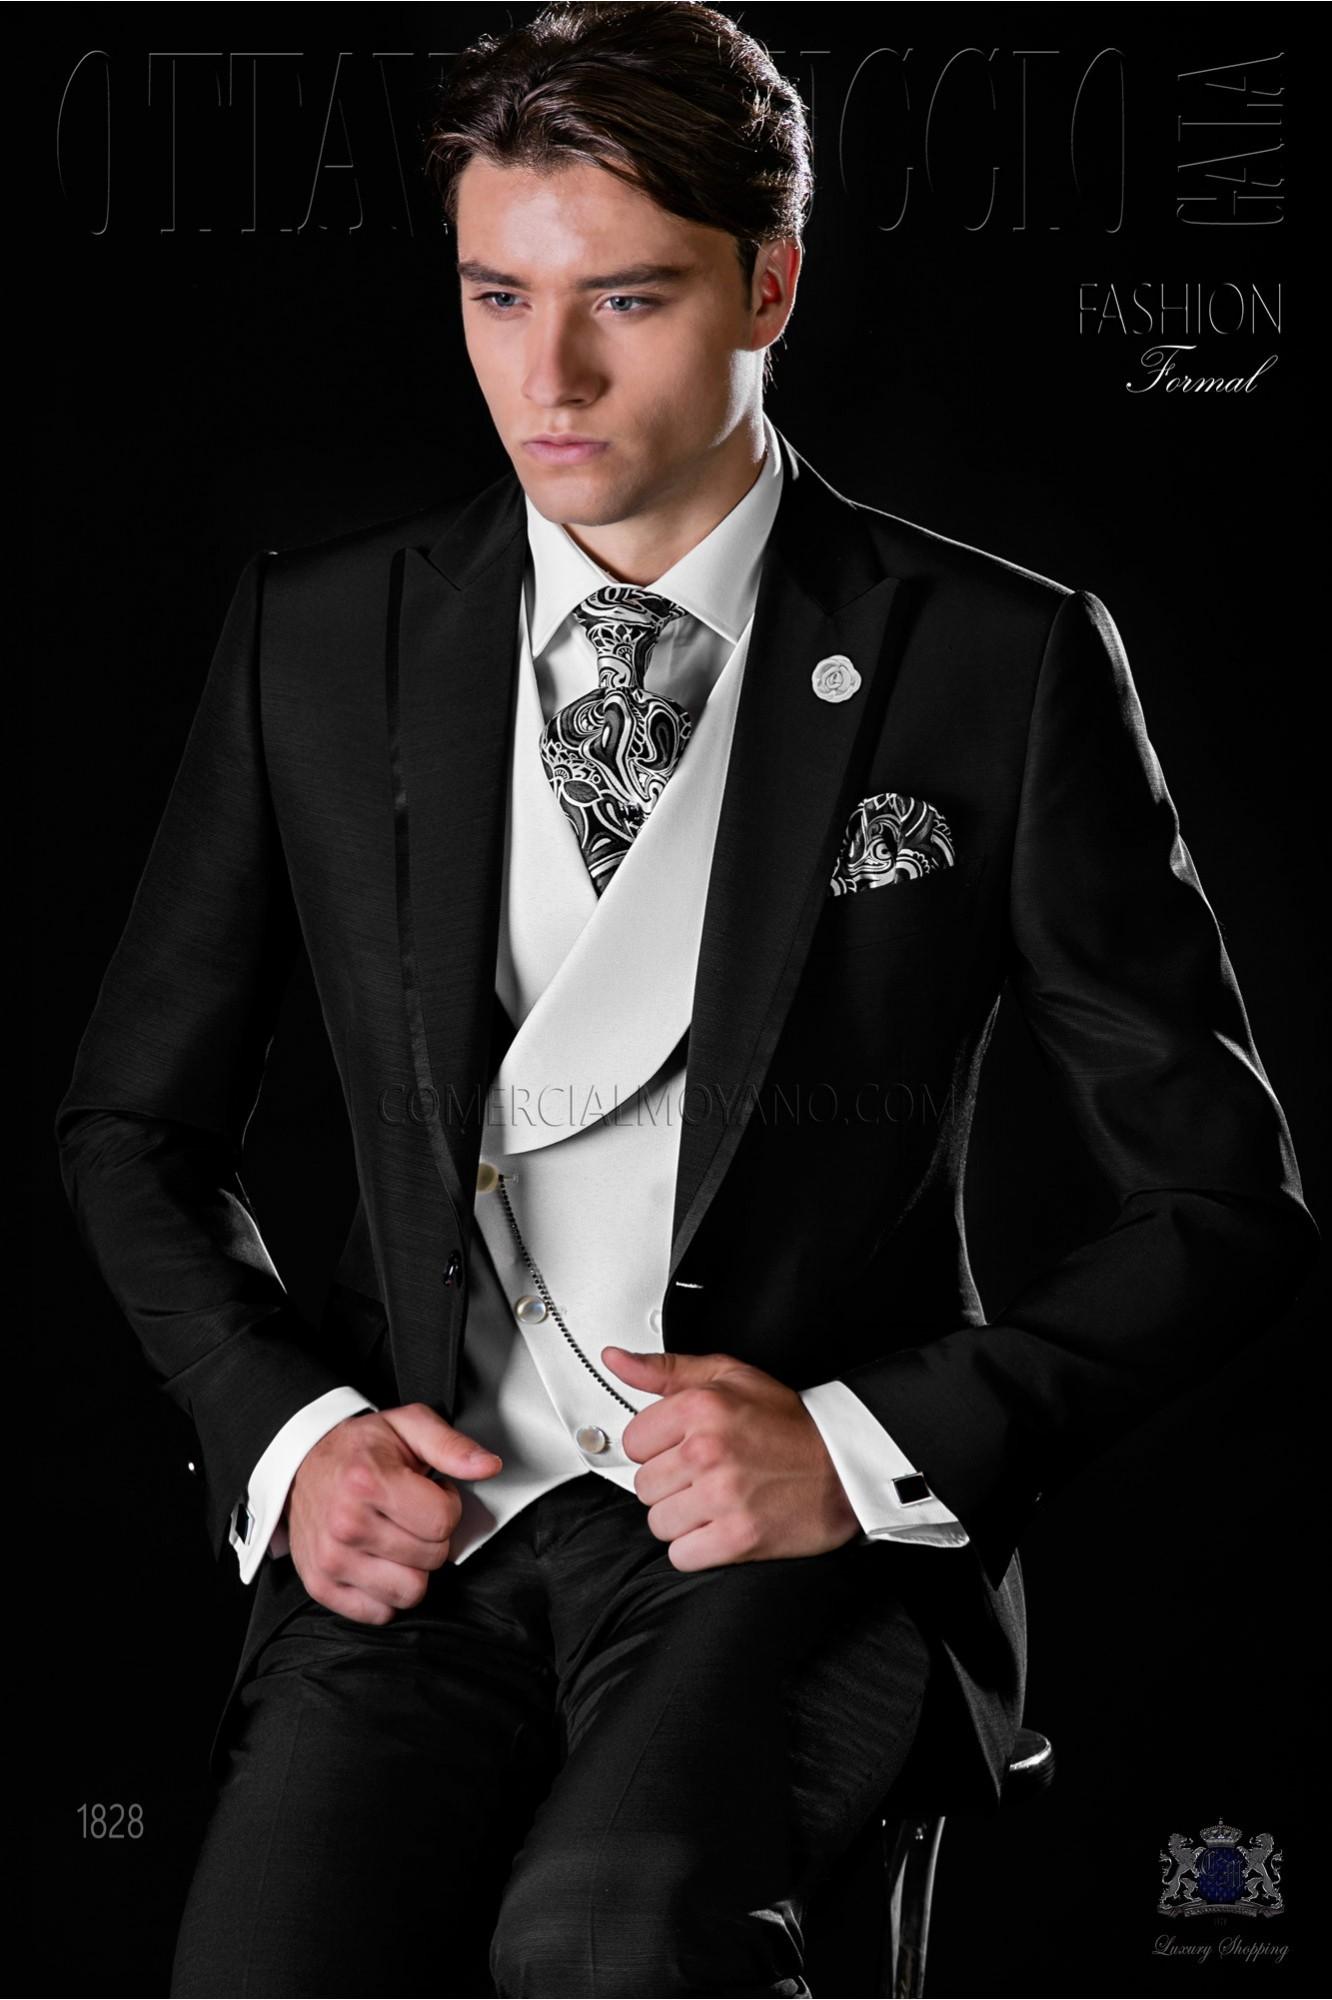 Traje de novio a medida negro con vivos de raso modelo: 1828 Ottavio Nuccio Gala colección Fashion